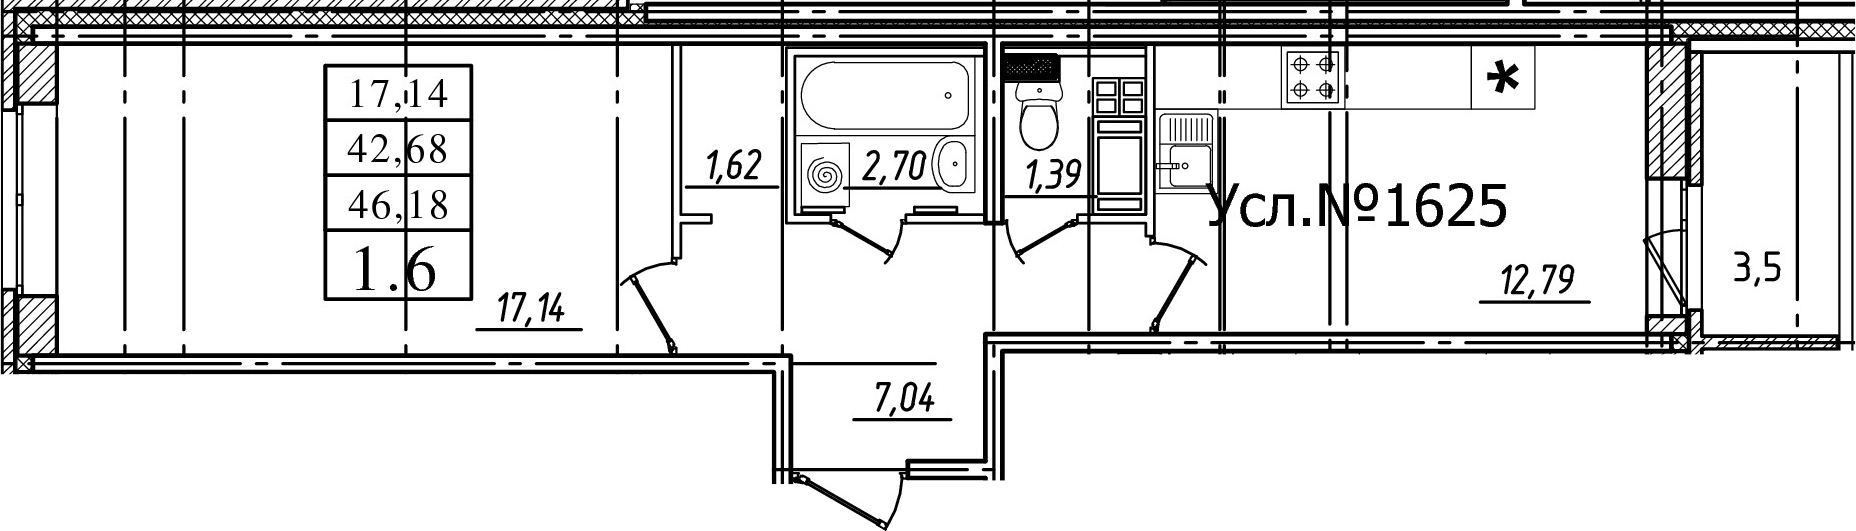 1-к.кв, 42.68 м², 16 этаж